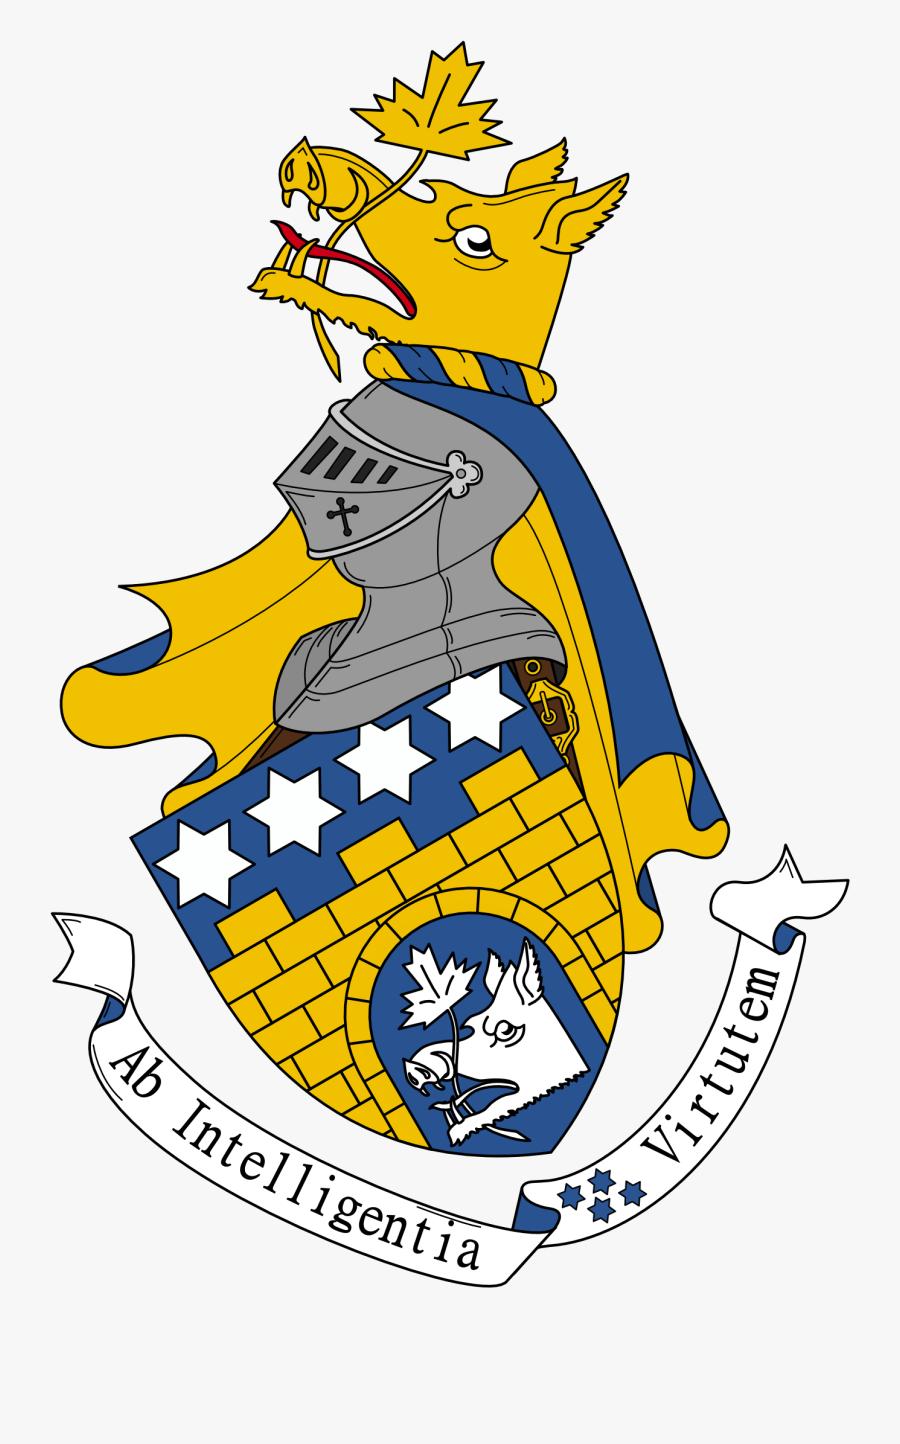 Transparent Cartoon Arms Png - Coat Of Arms, Transparent Clipart